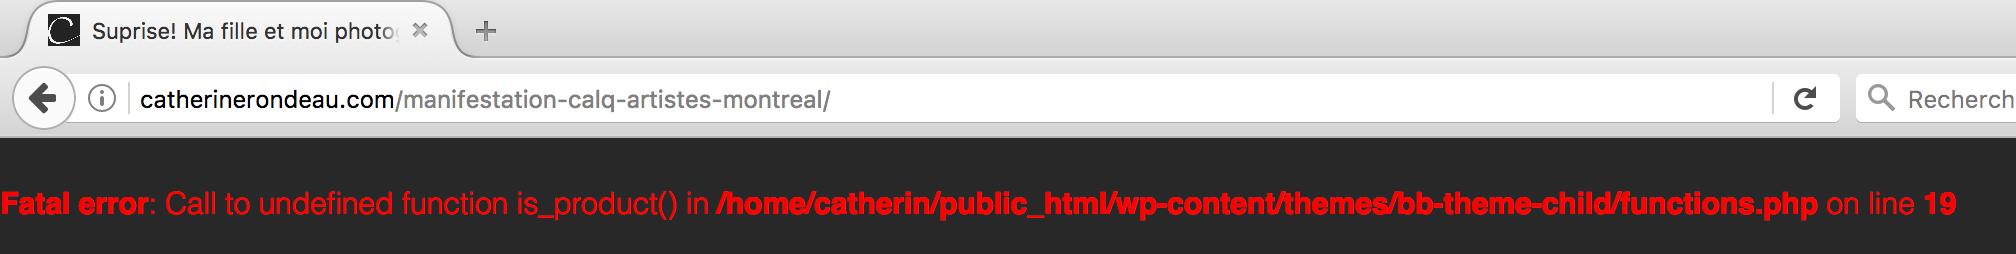 Screen-shot fatal error message